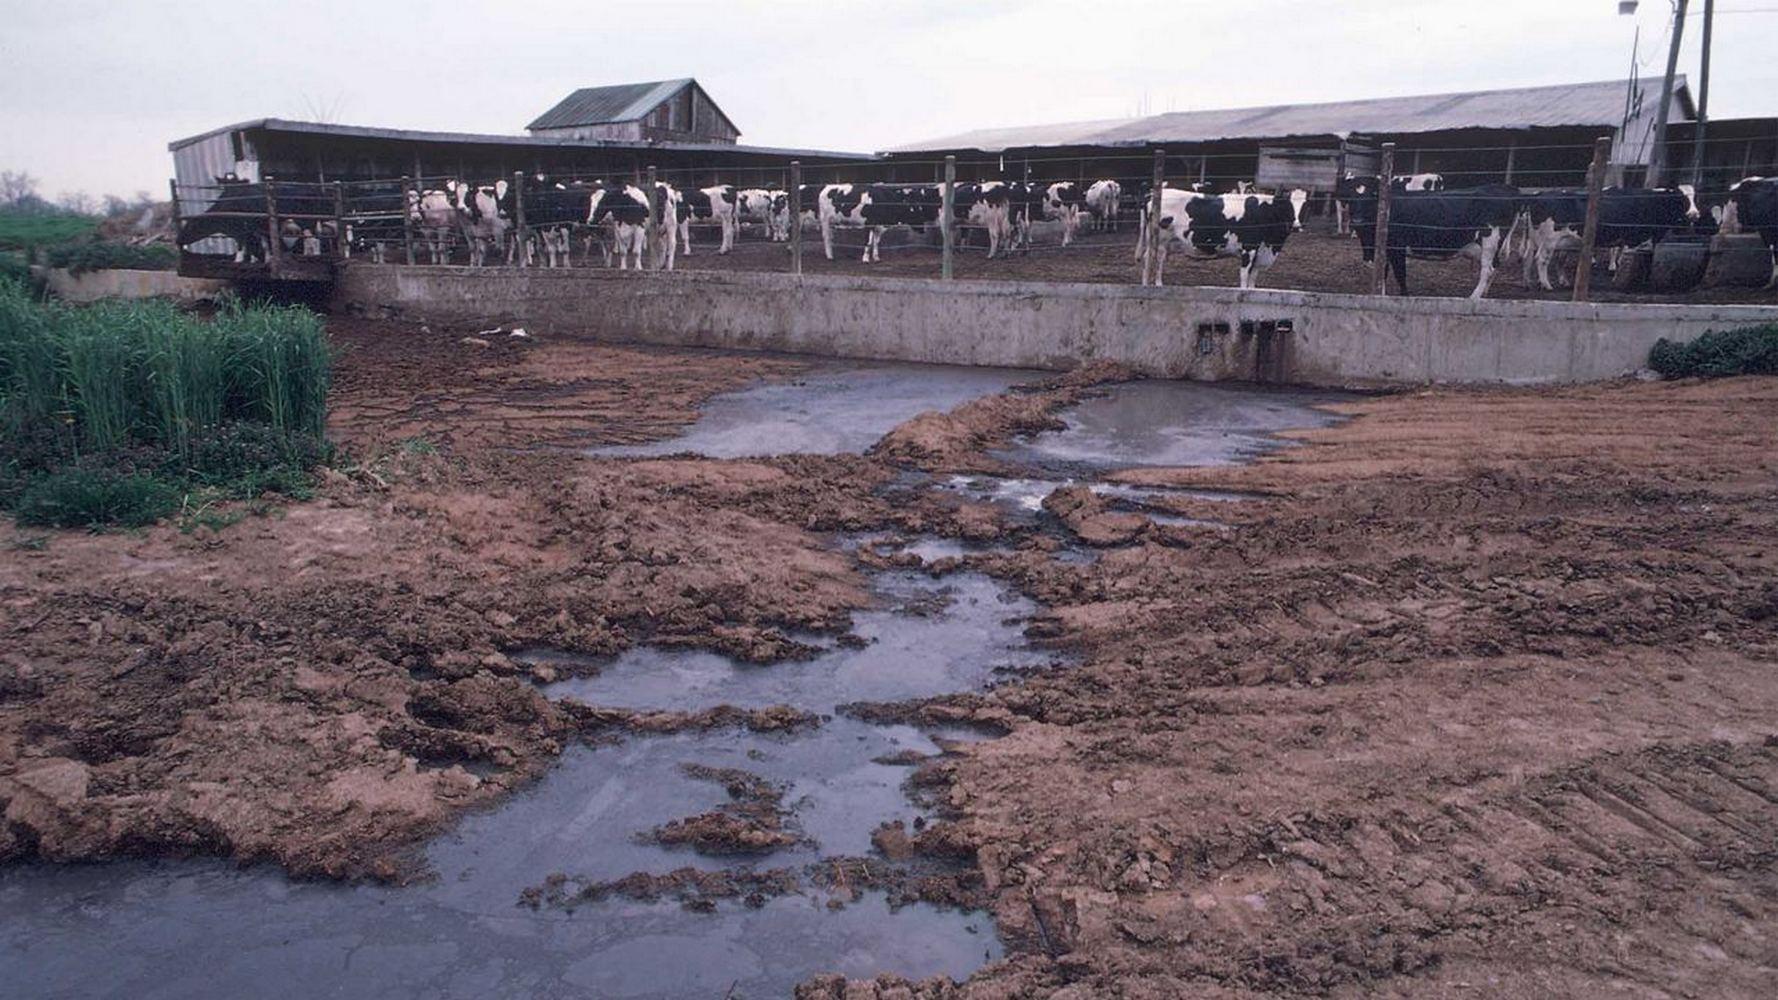 загрязнение воды сельским хозяйством